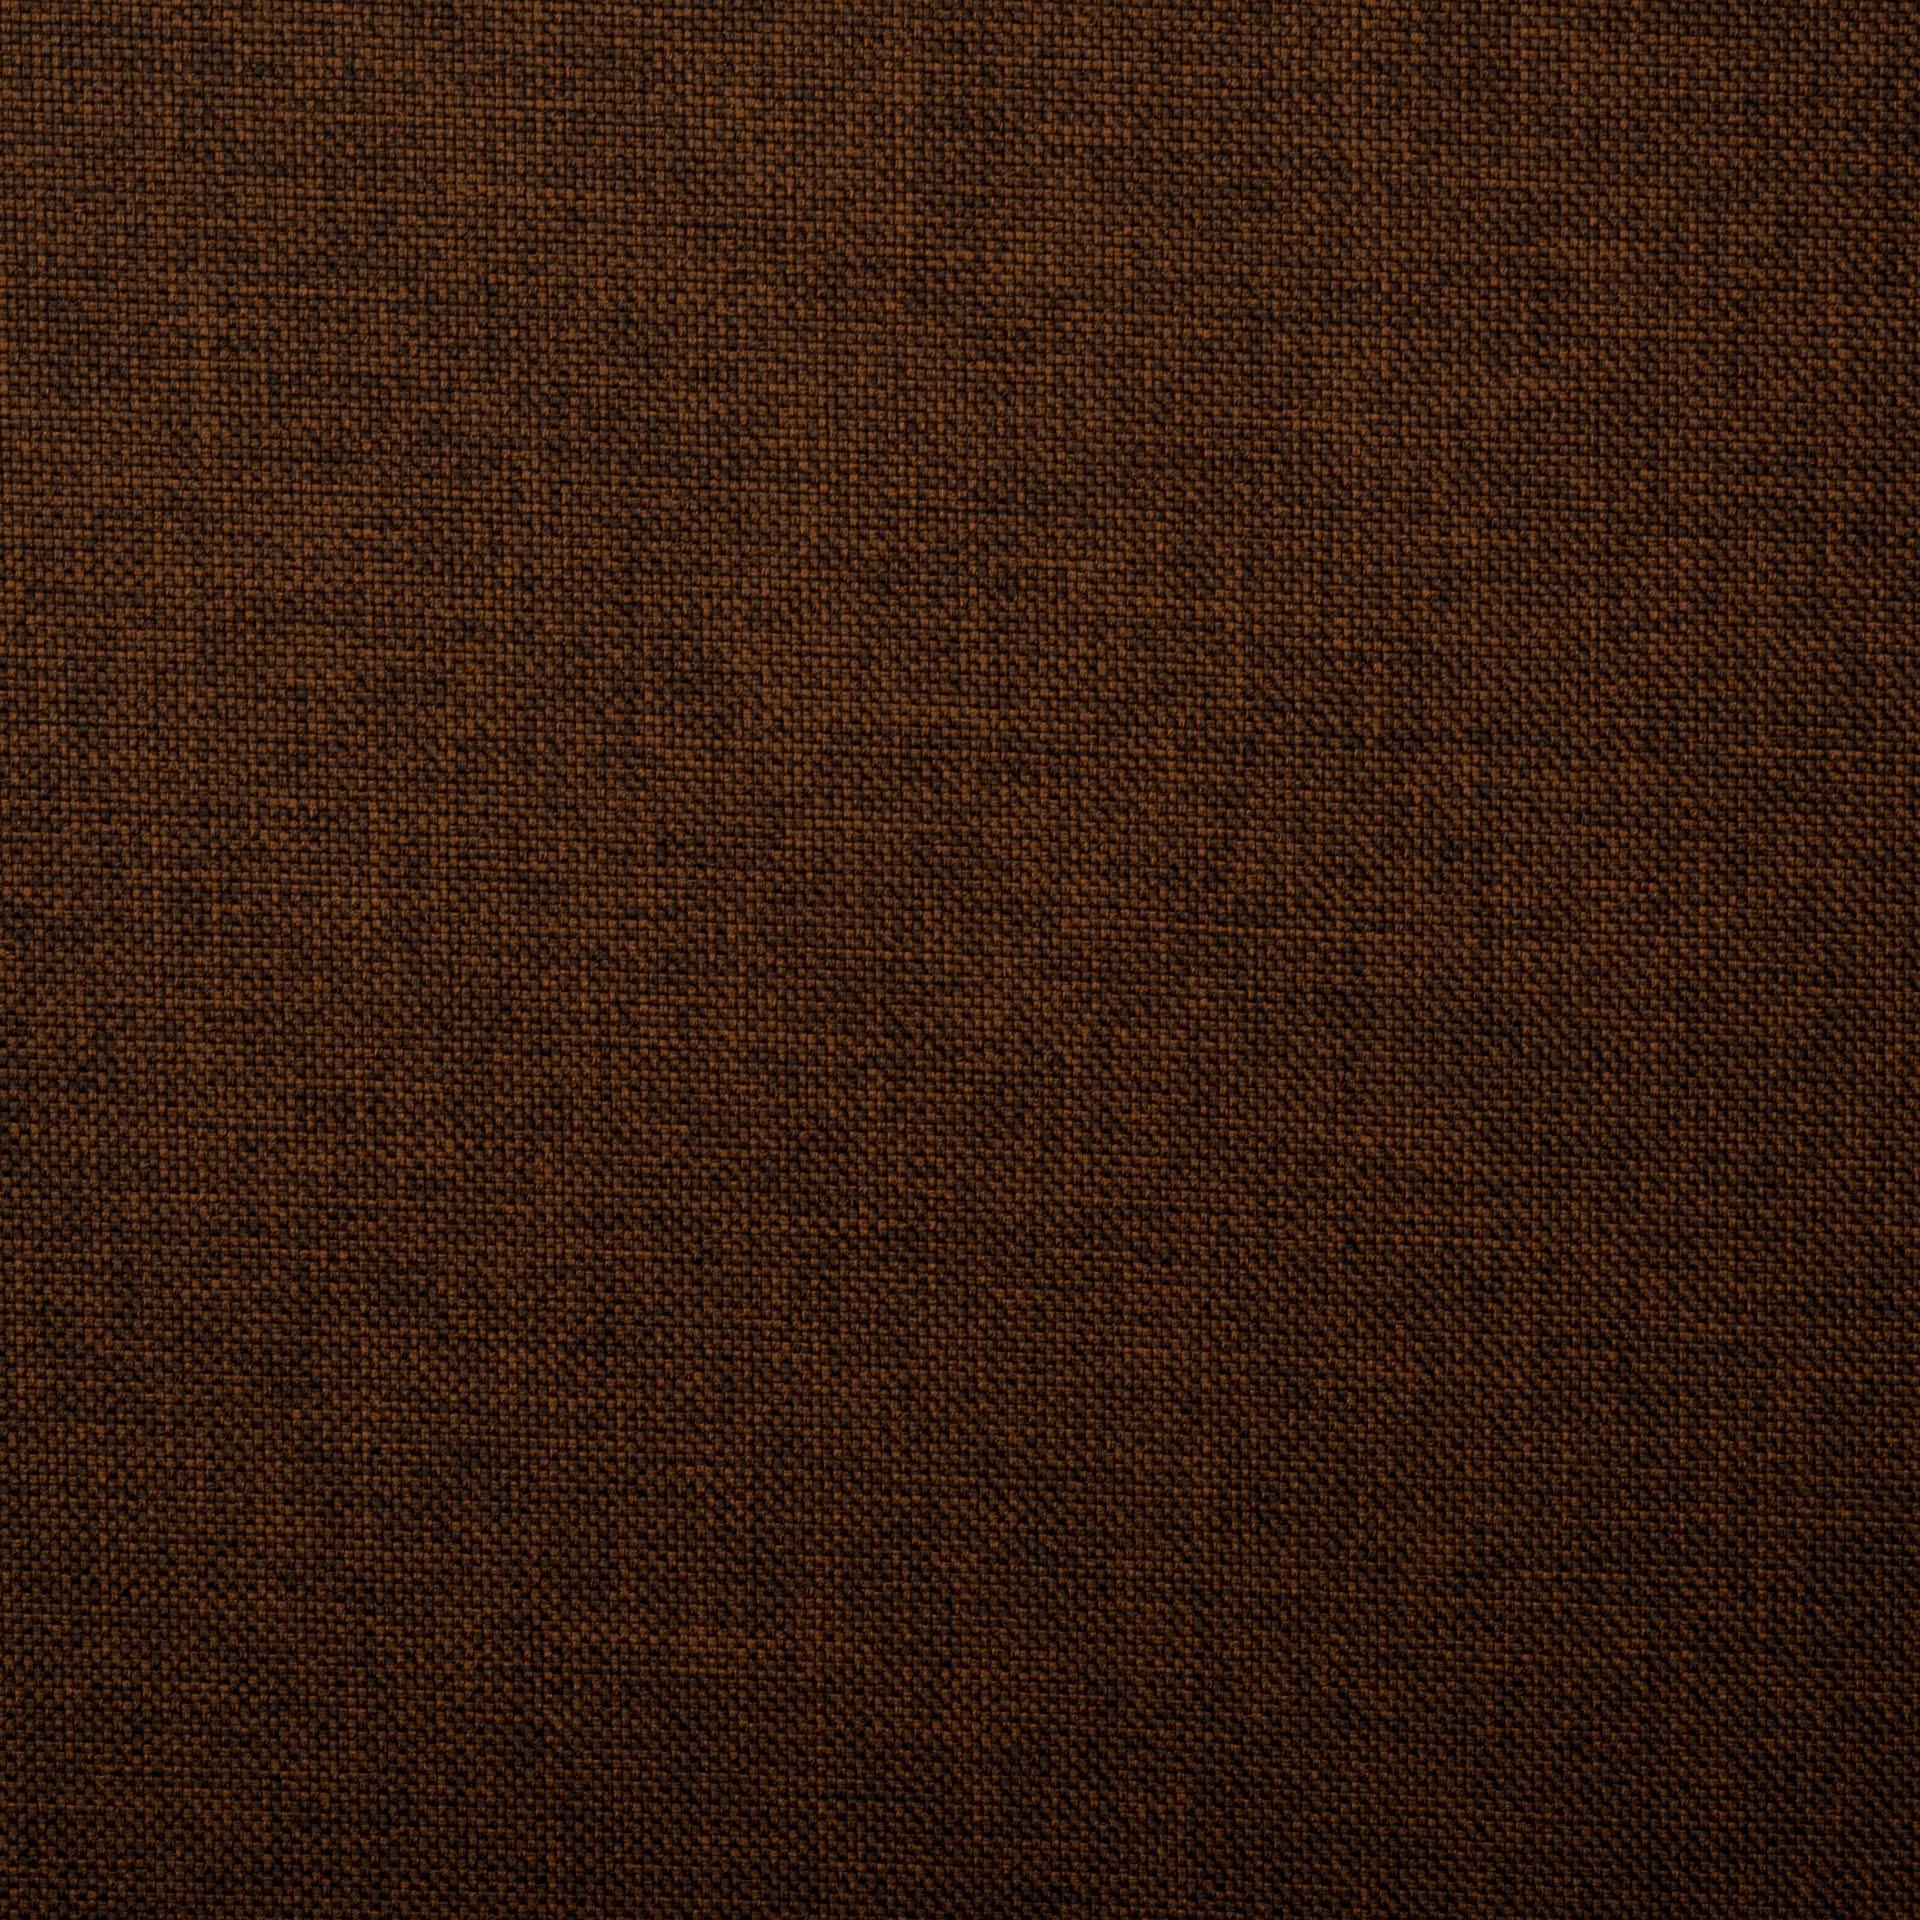 Коллекция ткани Саванна KASHTAN 06,  купить ткань Жаккард для мебели Украина